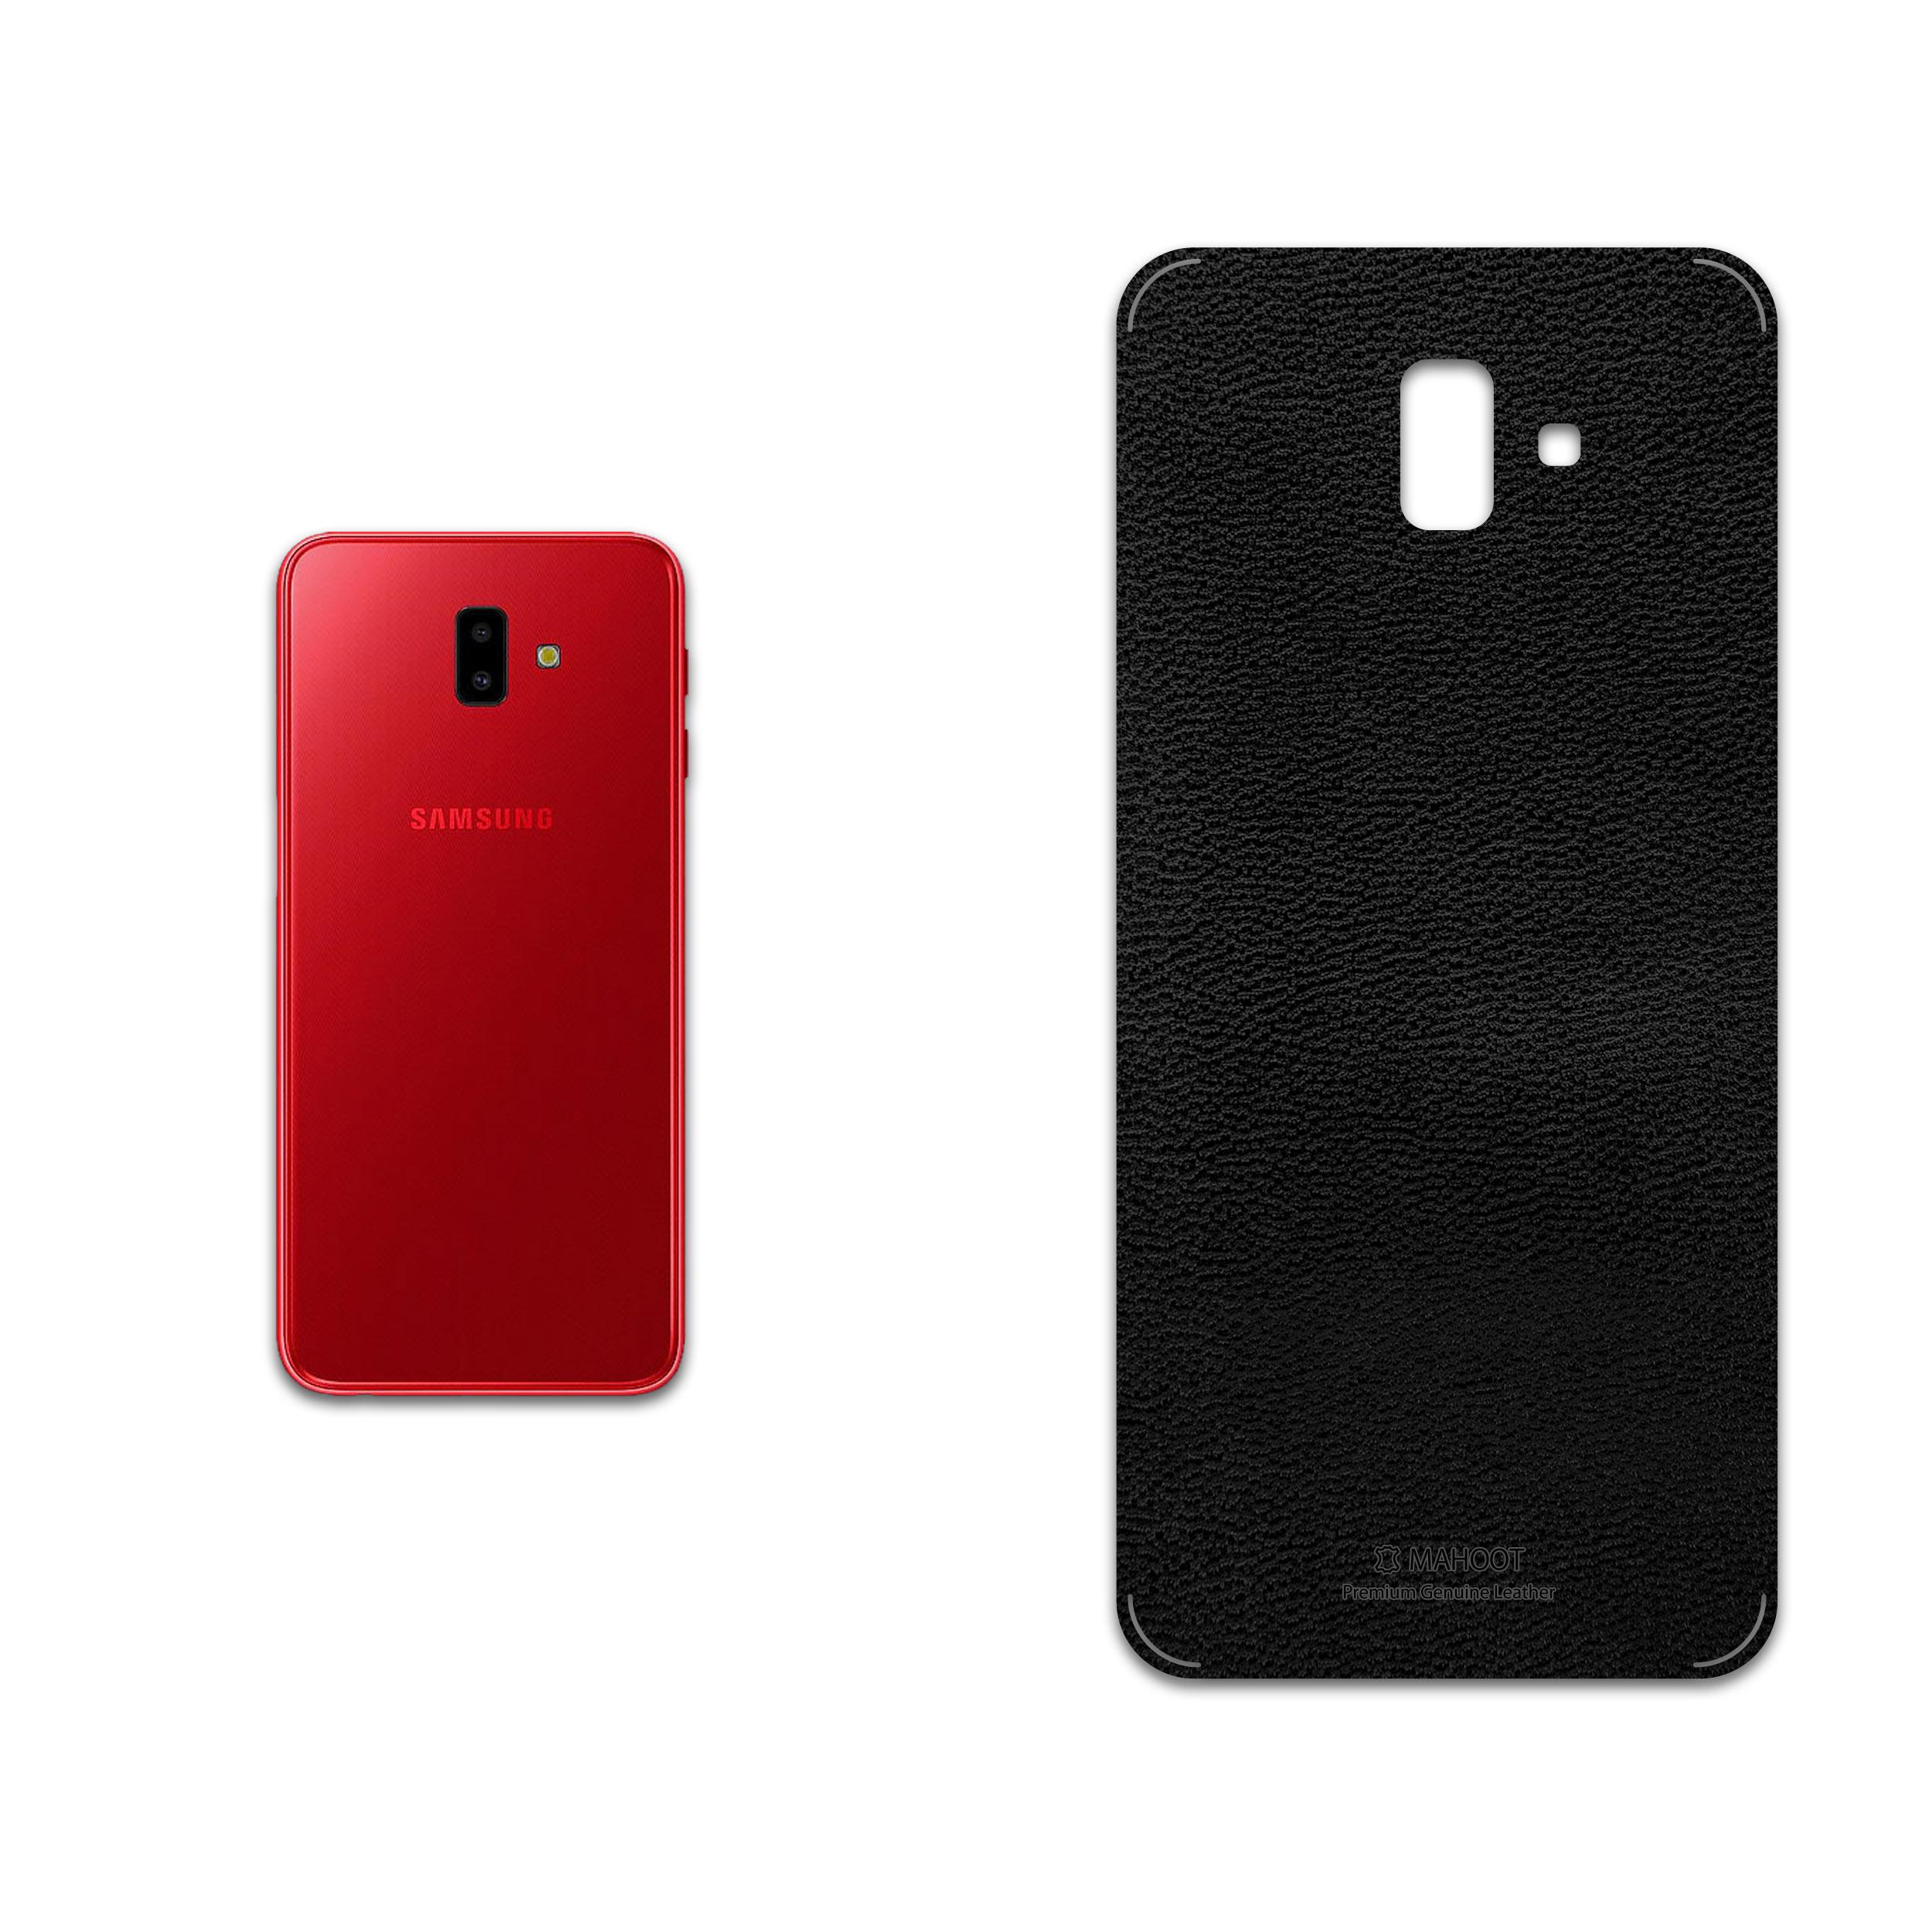 برچسب پوششی ماهوت مدل Black-Leather مناسب برای گوشی موبایل سامسونگ Galaxy J6 Plus